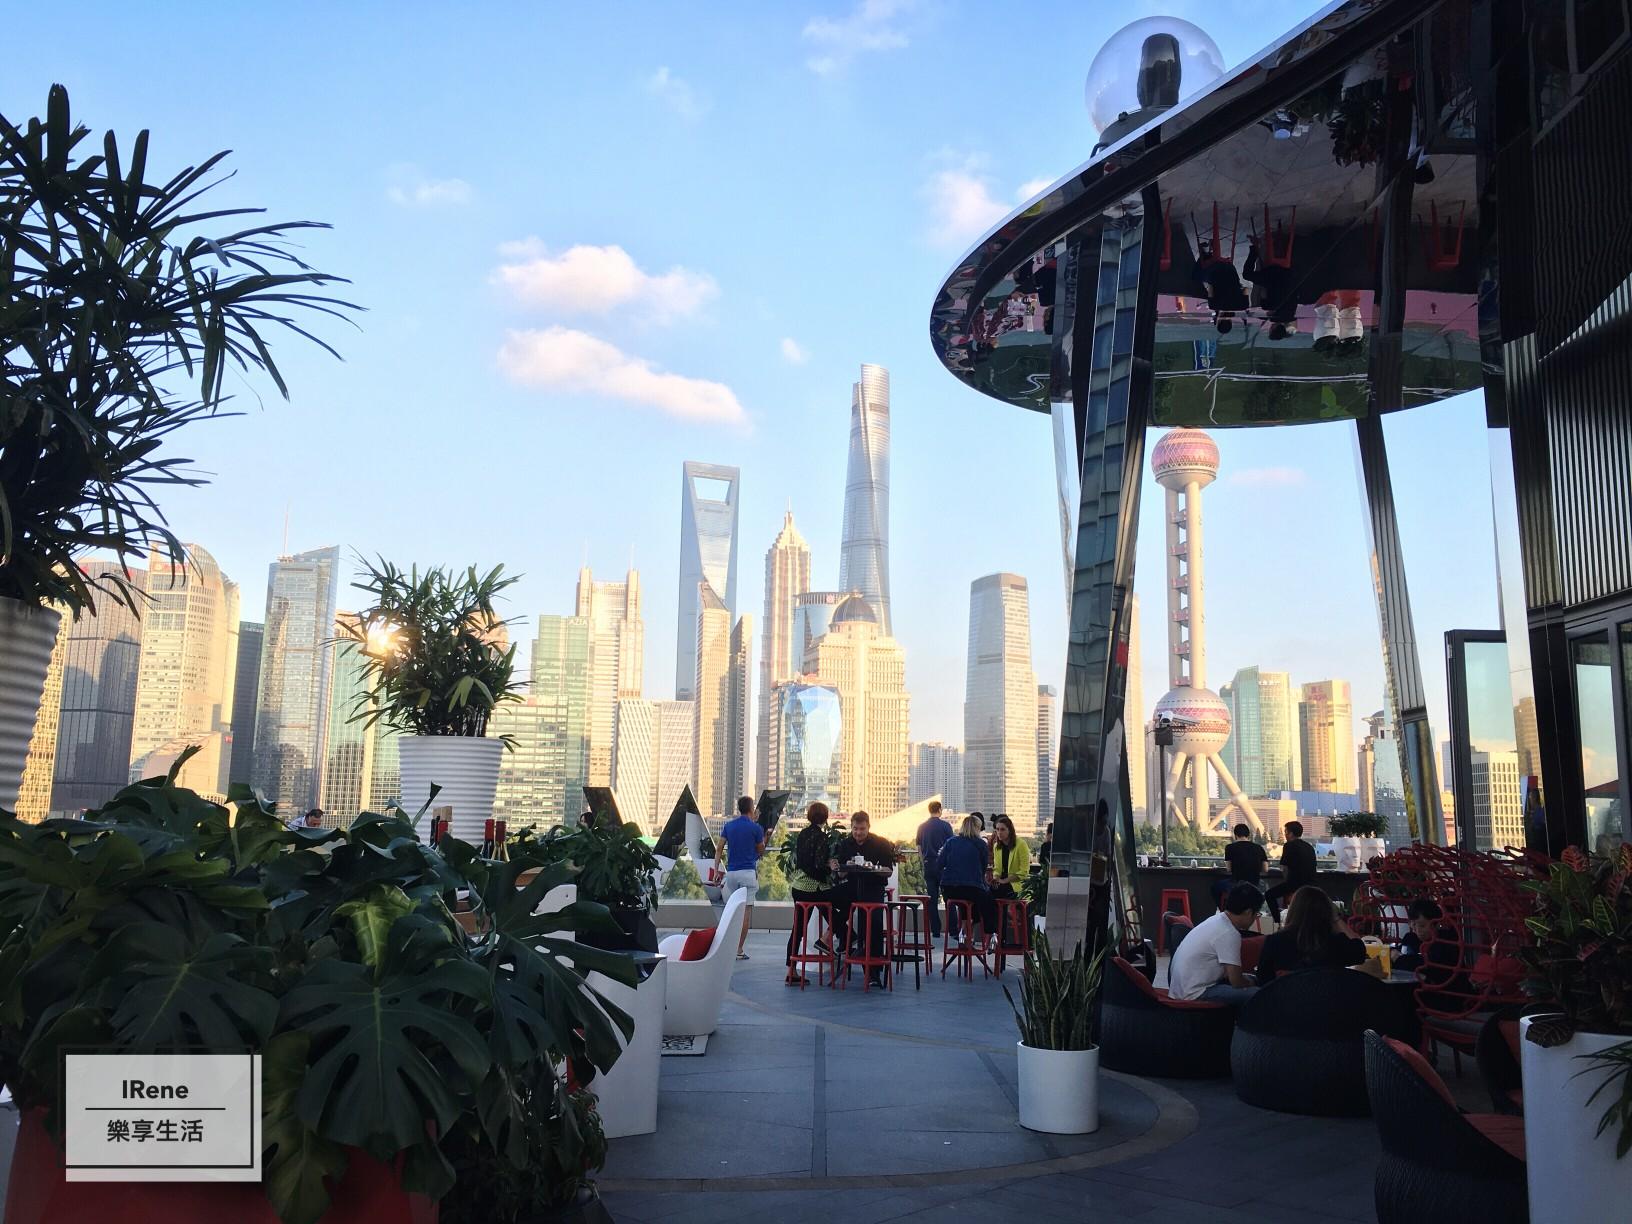 上海夜景酒吧-上海外灘W Hotel Wet Bar池畔酒吧